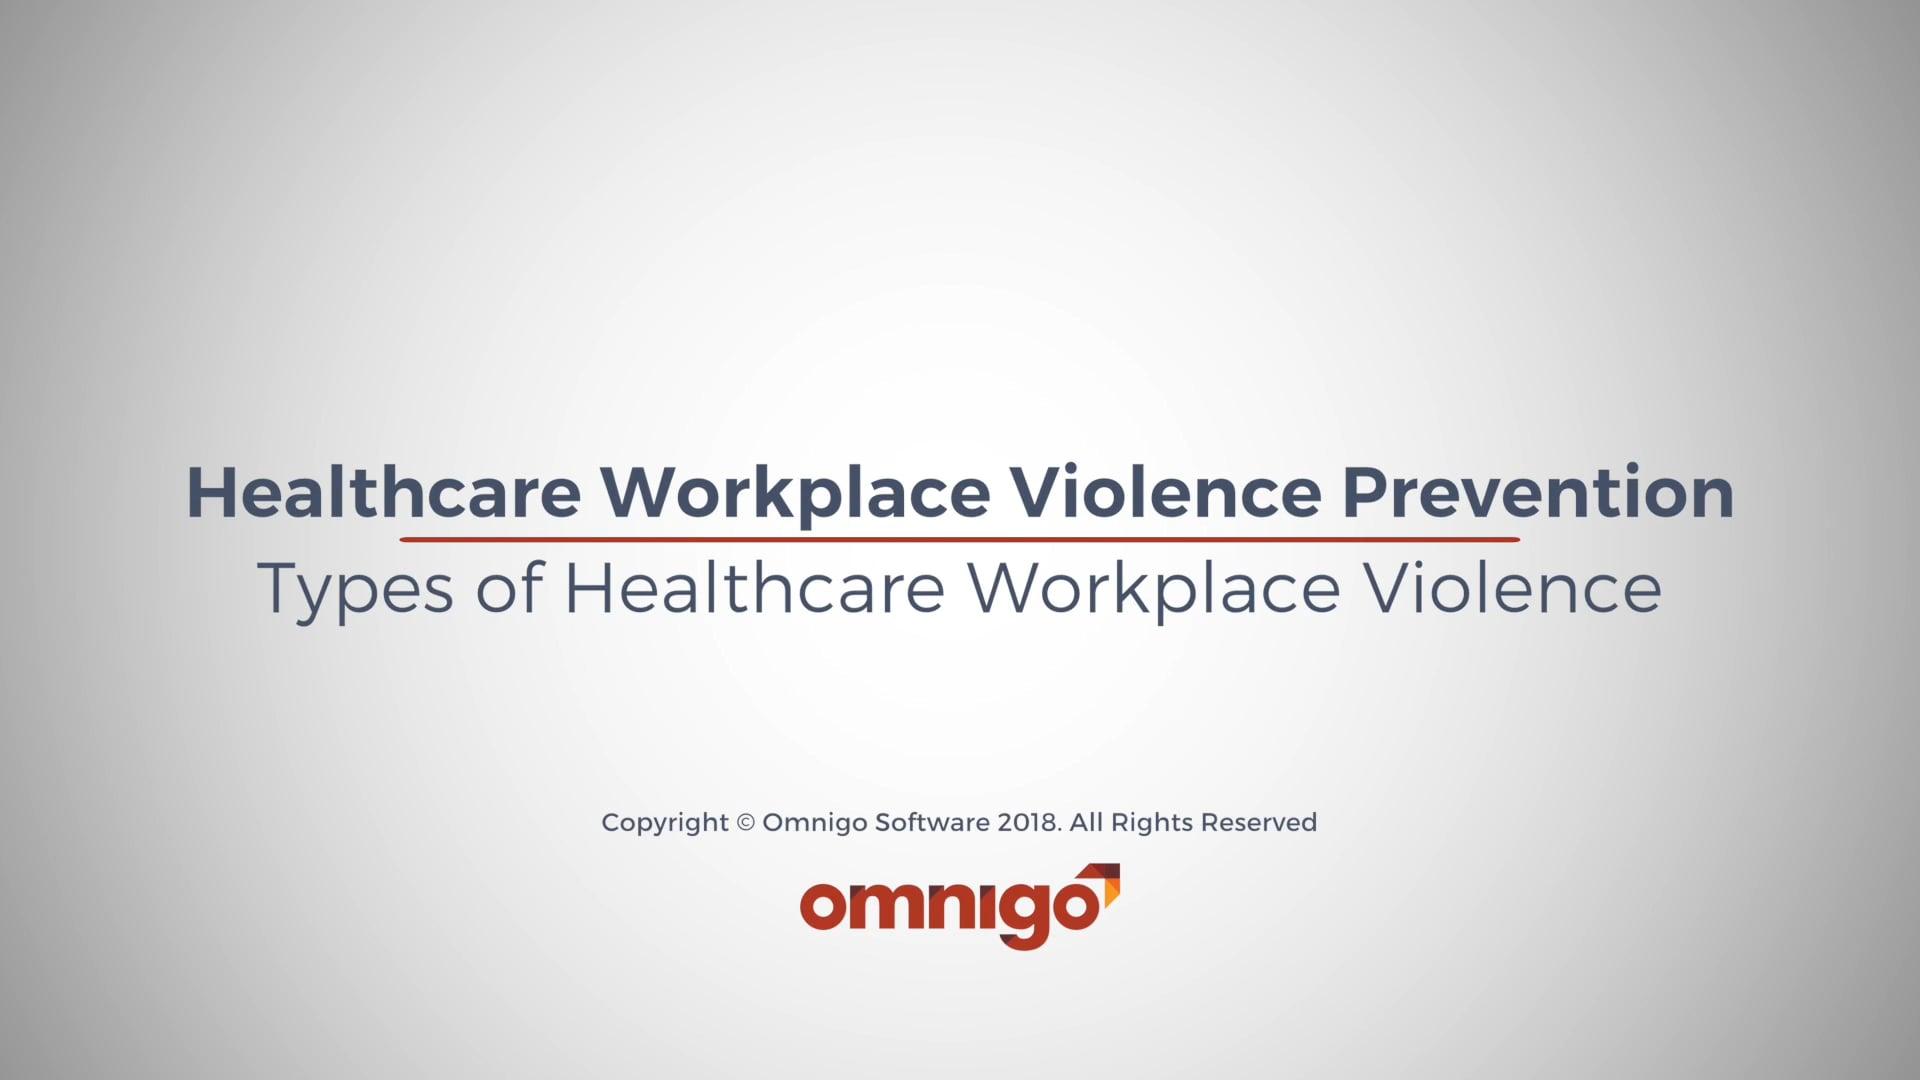 Omnigo: Types of Violence